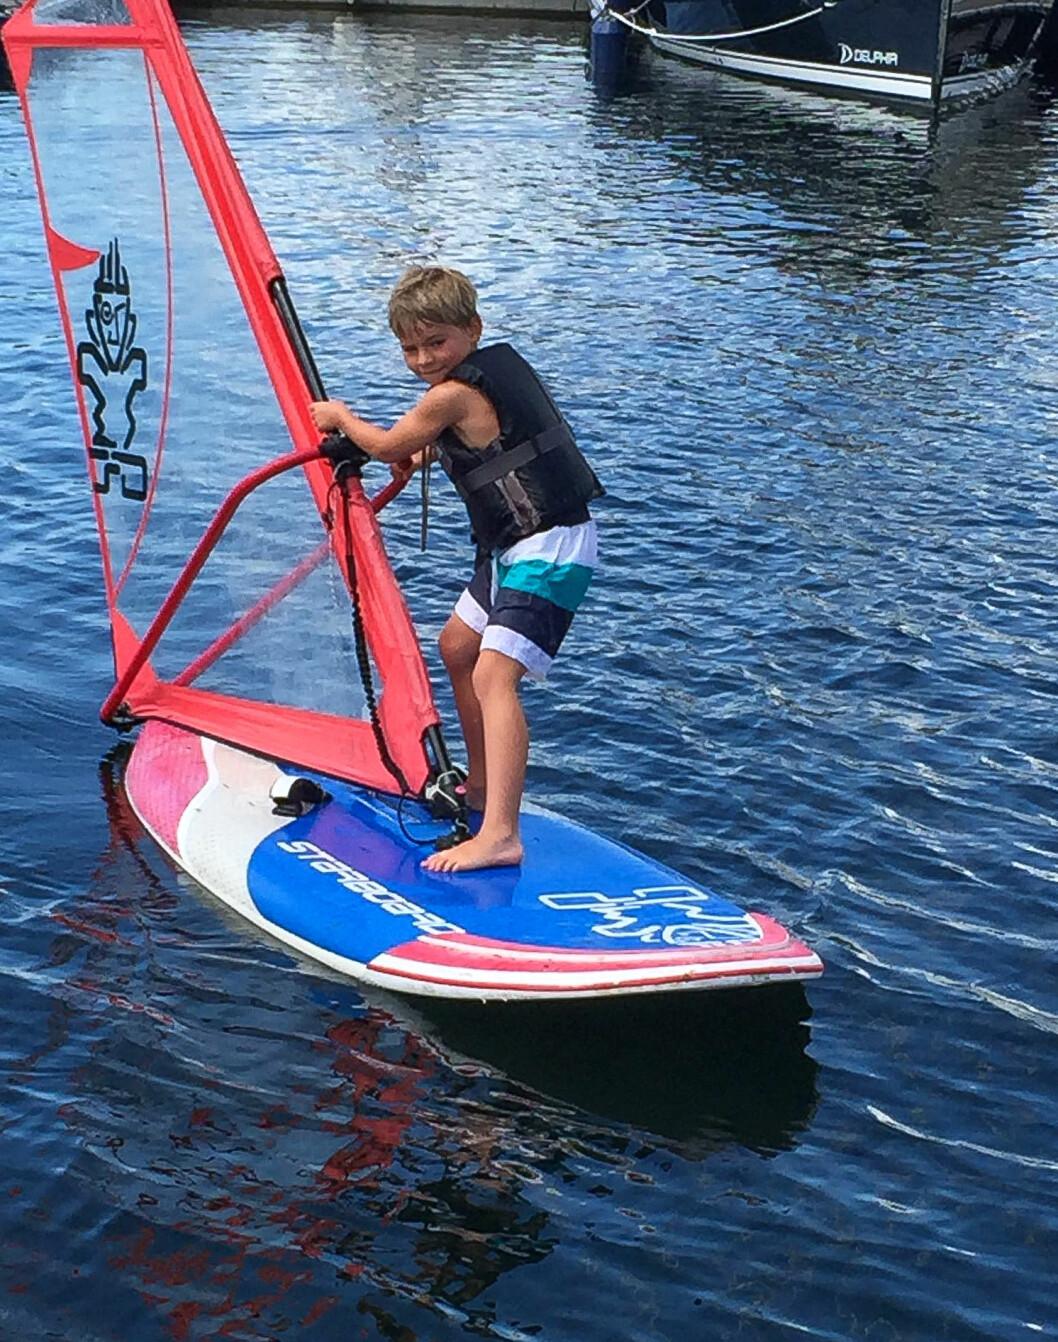 Sommercamp i Drøbaksund Seilforening: Mye lek og moro på, i og ved vannet, og mange fikk prøvd seg på brett og jolle.